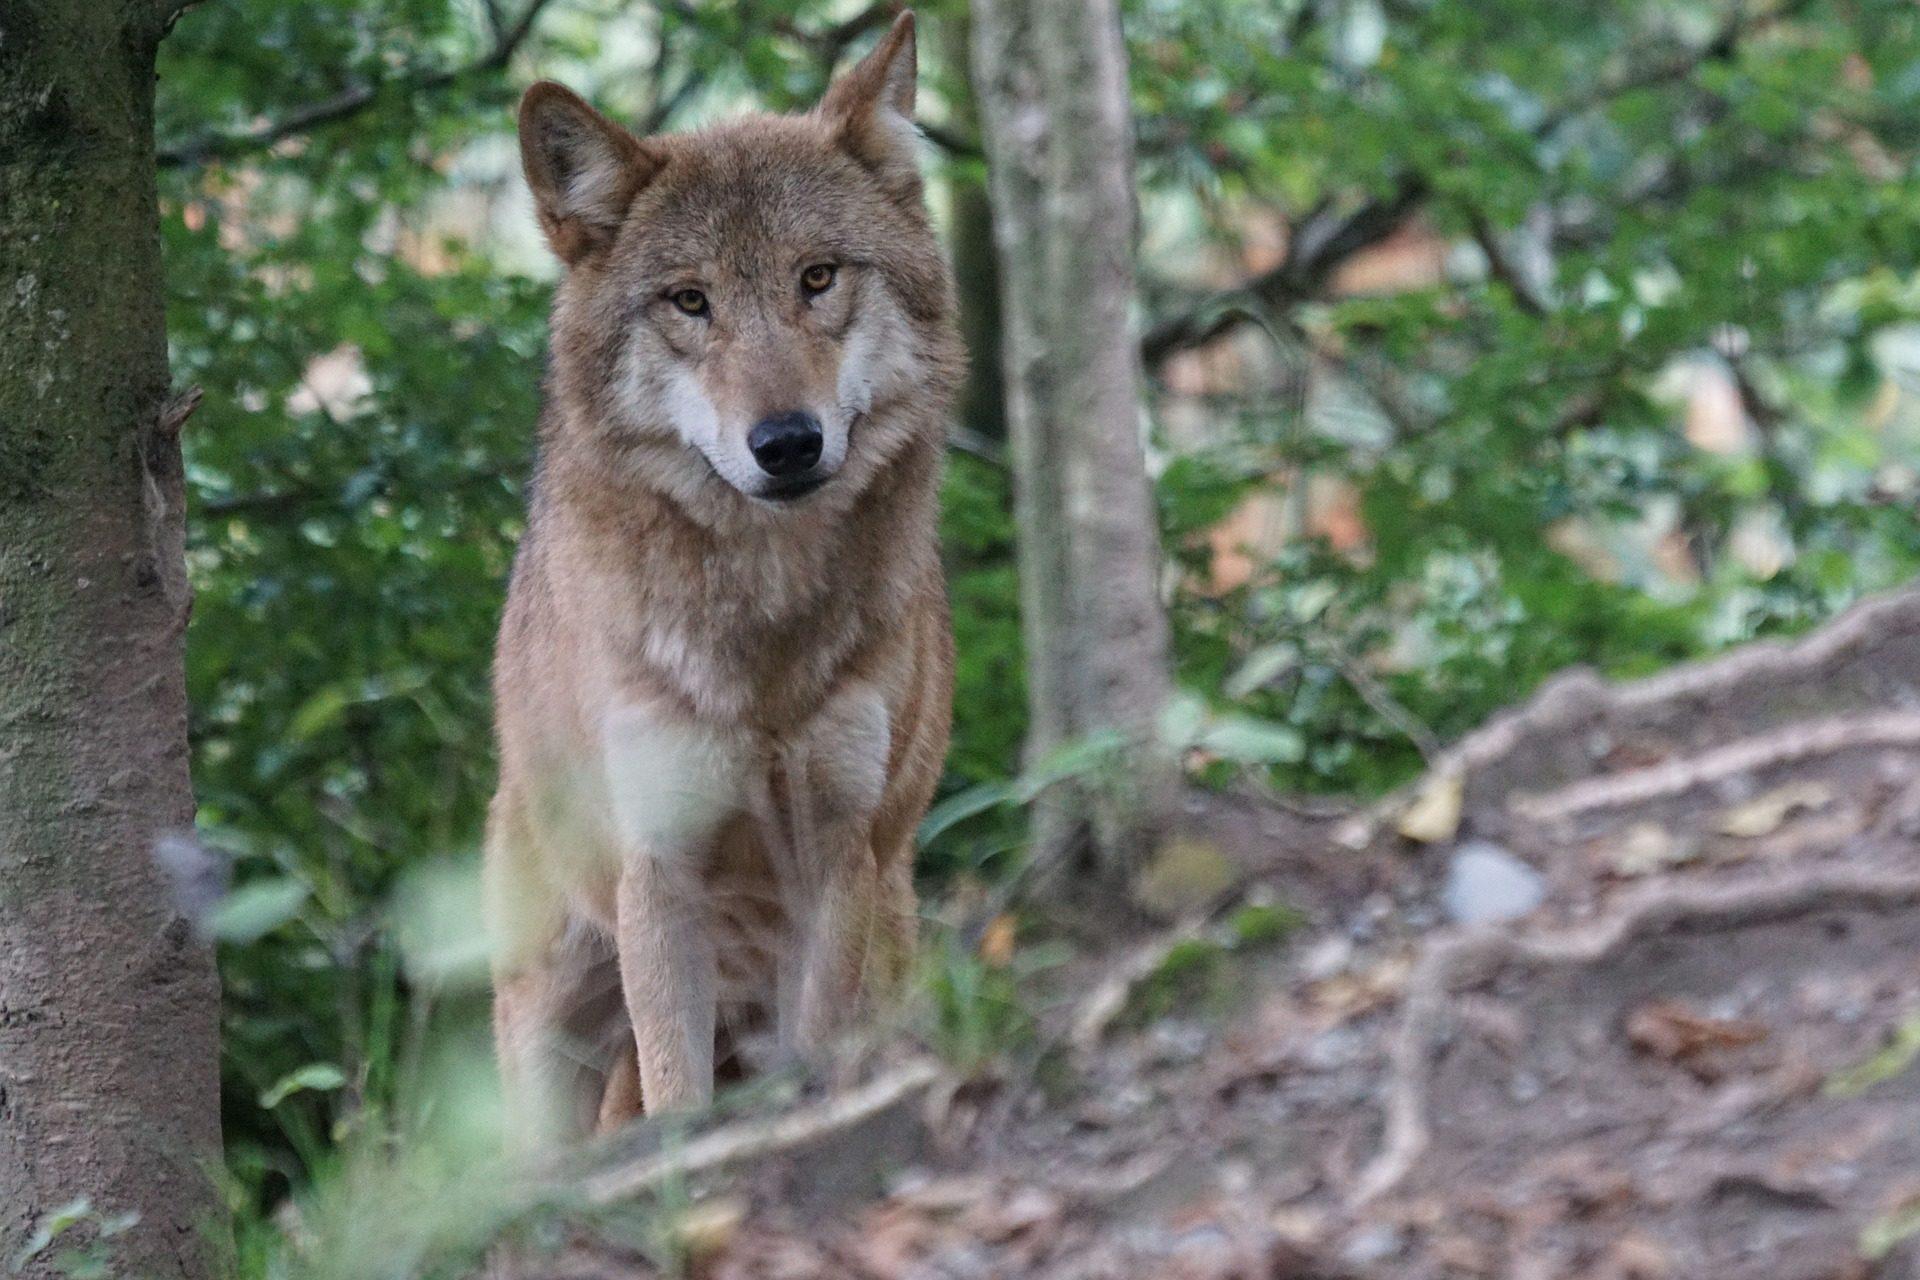 Lobo, Europeu, floresta, Predador, perigo, Olha - Papéis de parede HD - Professor-falken.com